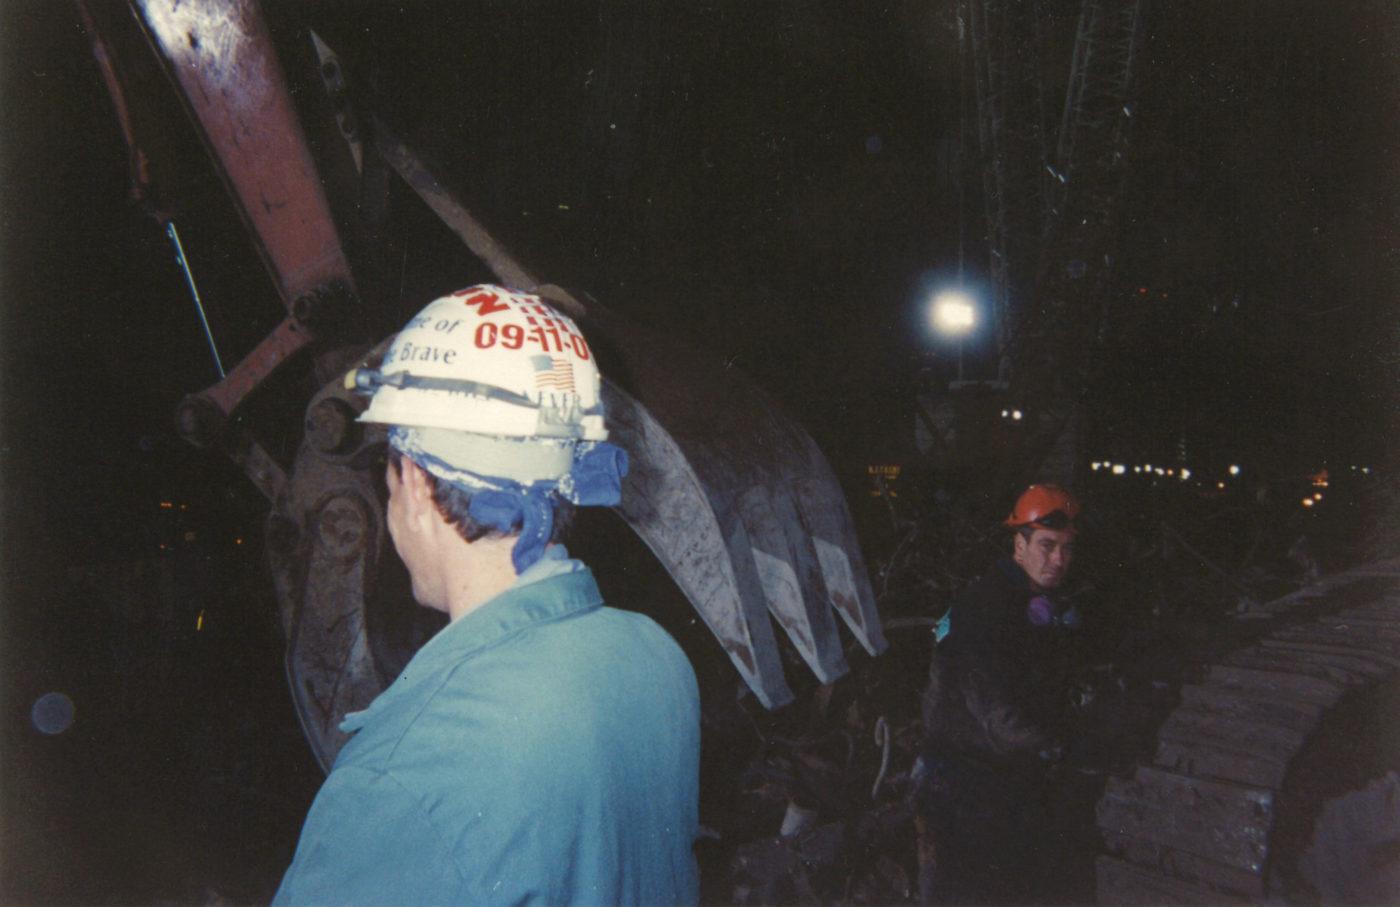 Workers at night at Ground Zero